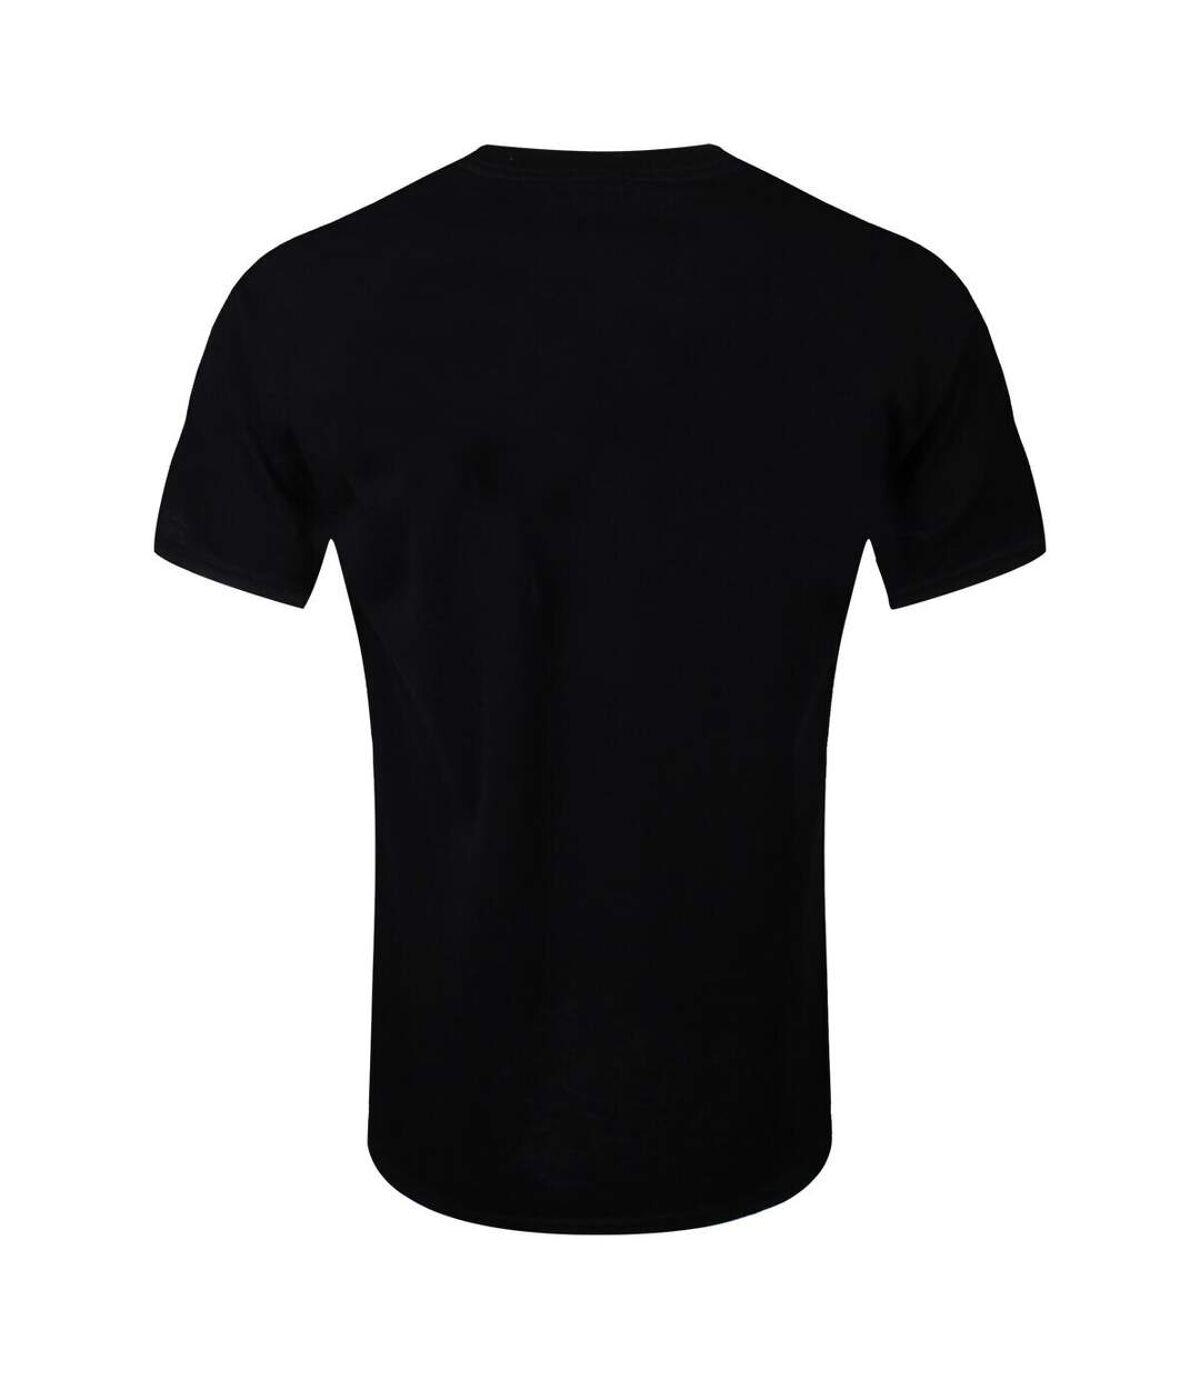 Captain America Civil War Mens Crossbones Logo T-Shirt (Black) - UTNS5564